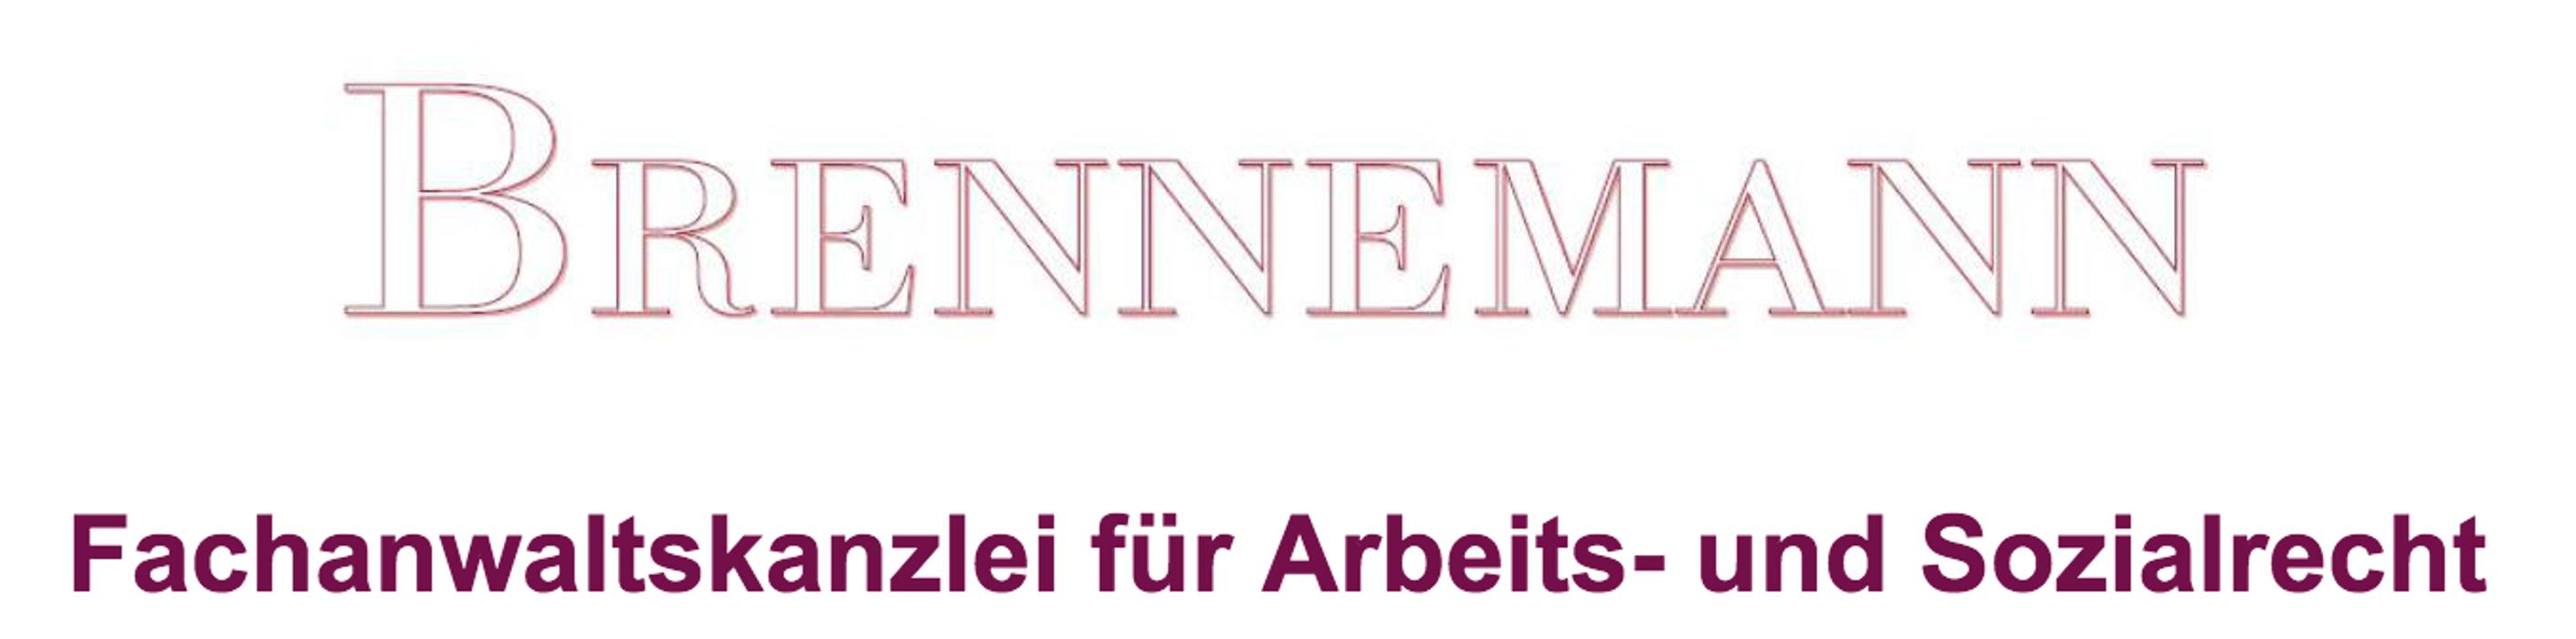 Bild zu S. G. Brennemann Rechtsanwältin in Hanau